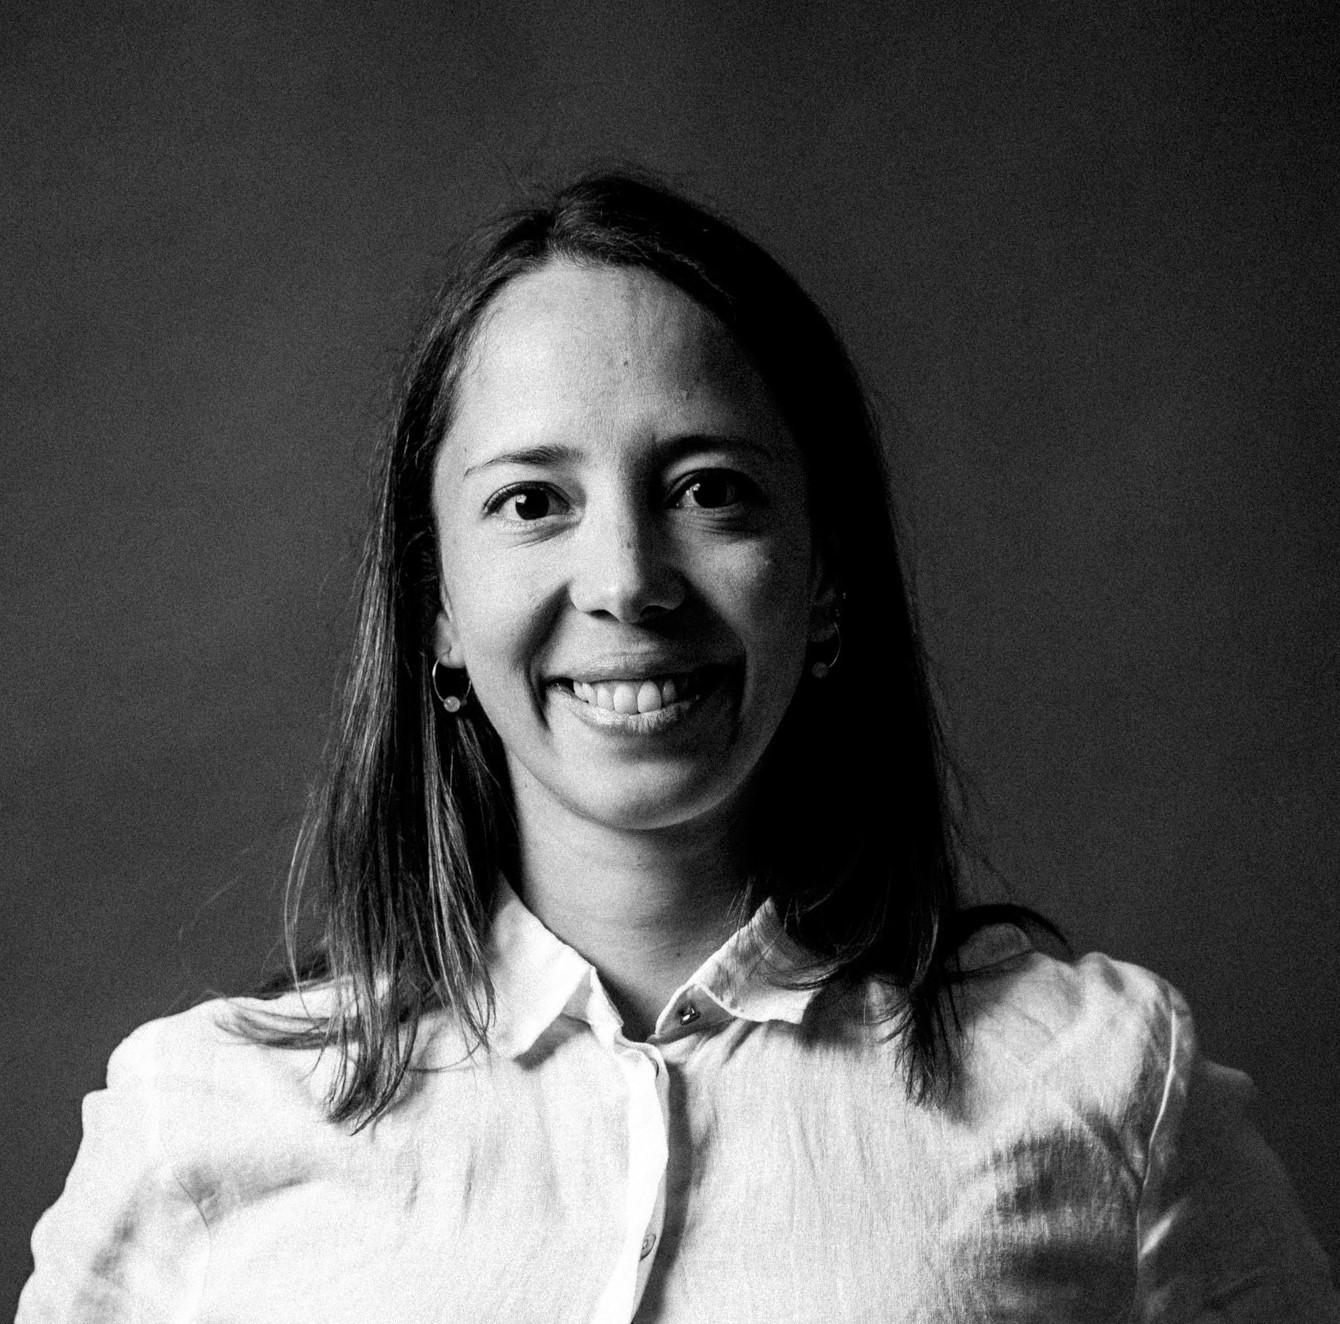 Gerlach, M.A. Miriam Daniela